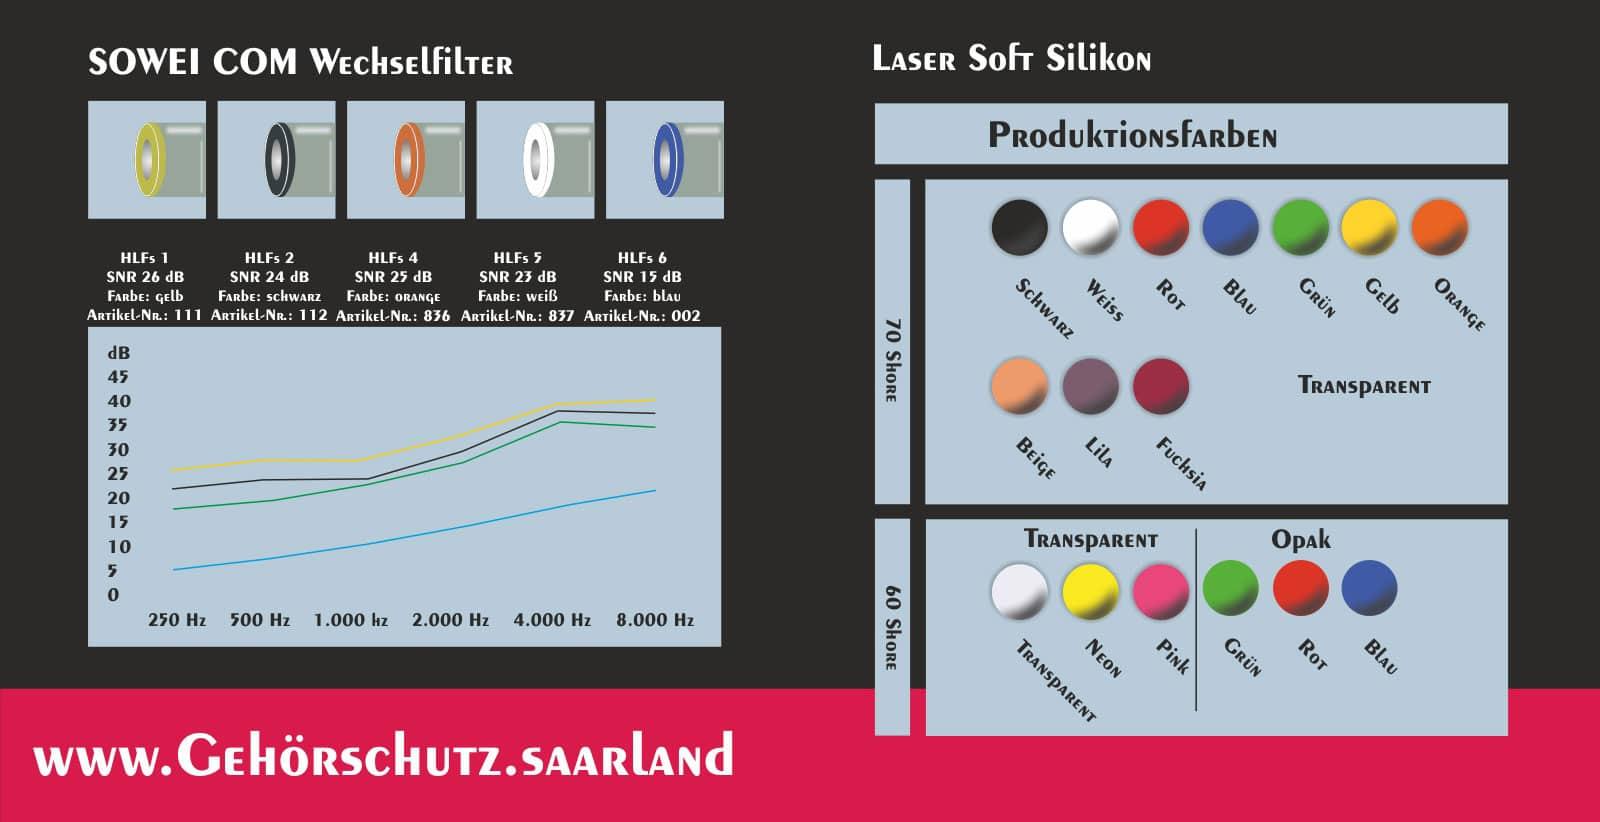 Gisbrecht Hörakustik - Gehörschutz Partner Hörluchs - SOWEI COM Aktion - Gehörschutz für Kommunikation - Produktionformationen, Farben, Wechselfilter und Frequenzband